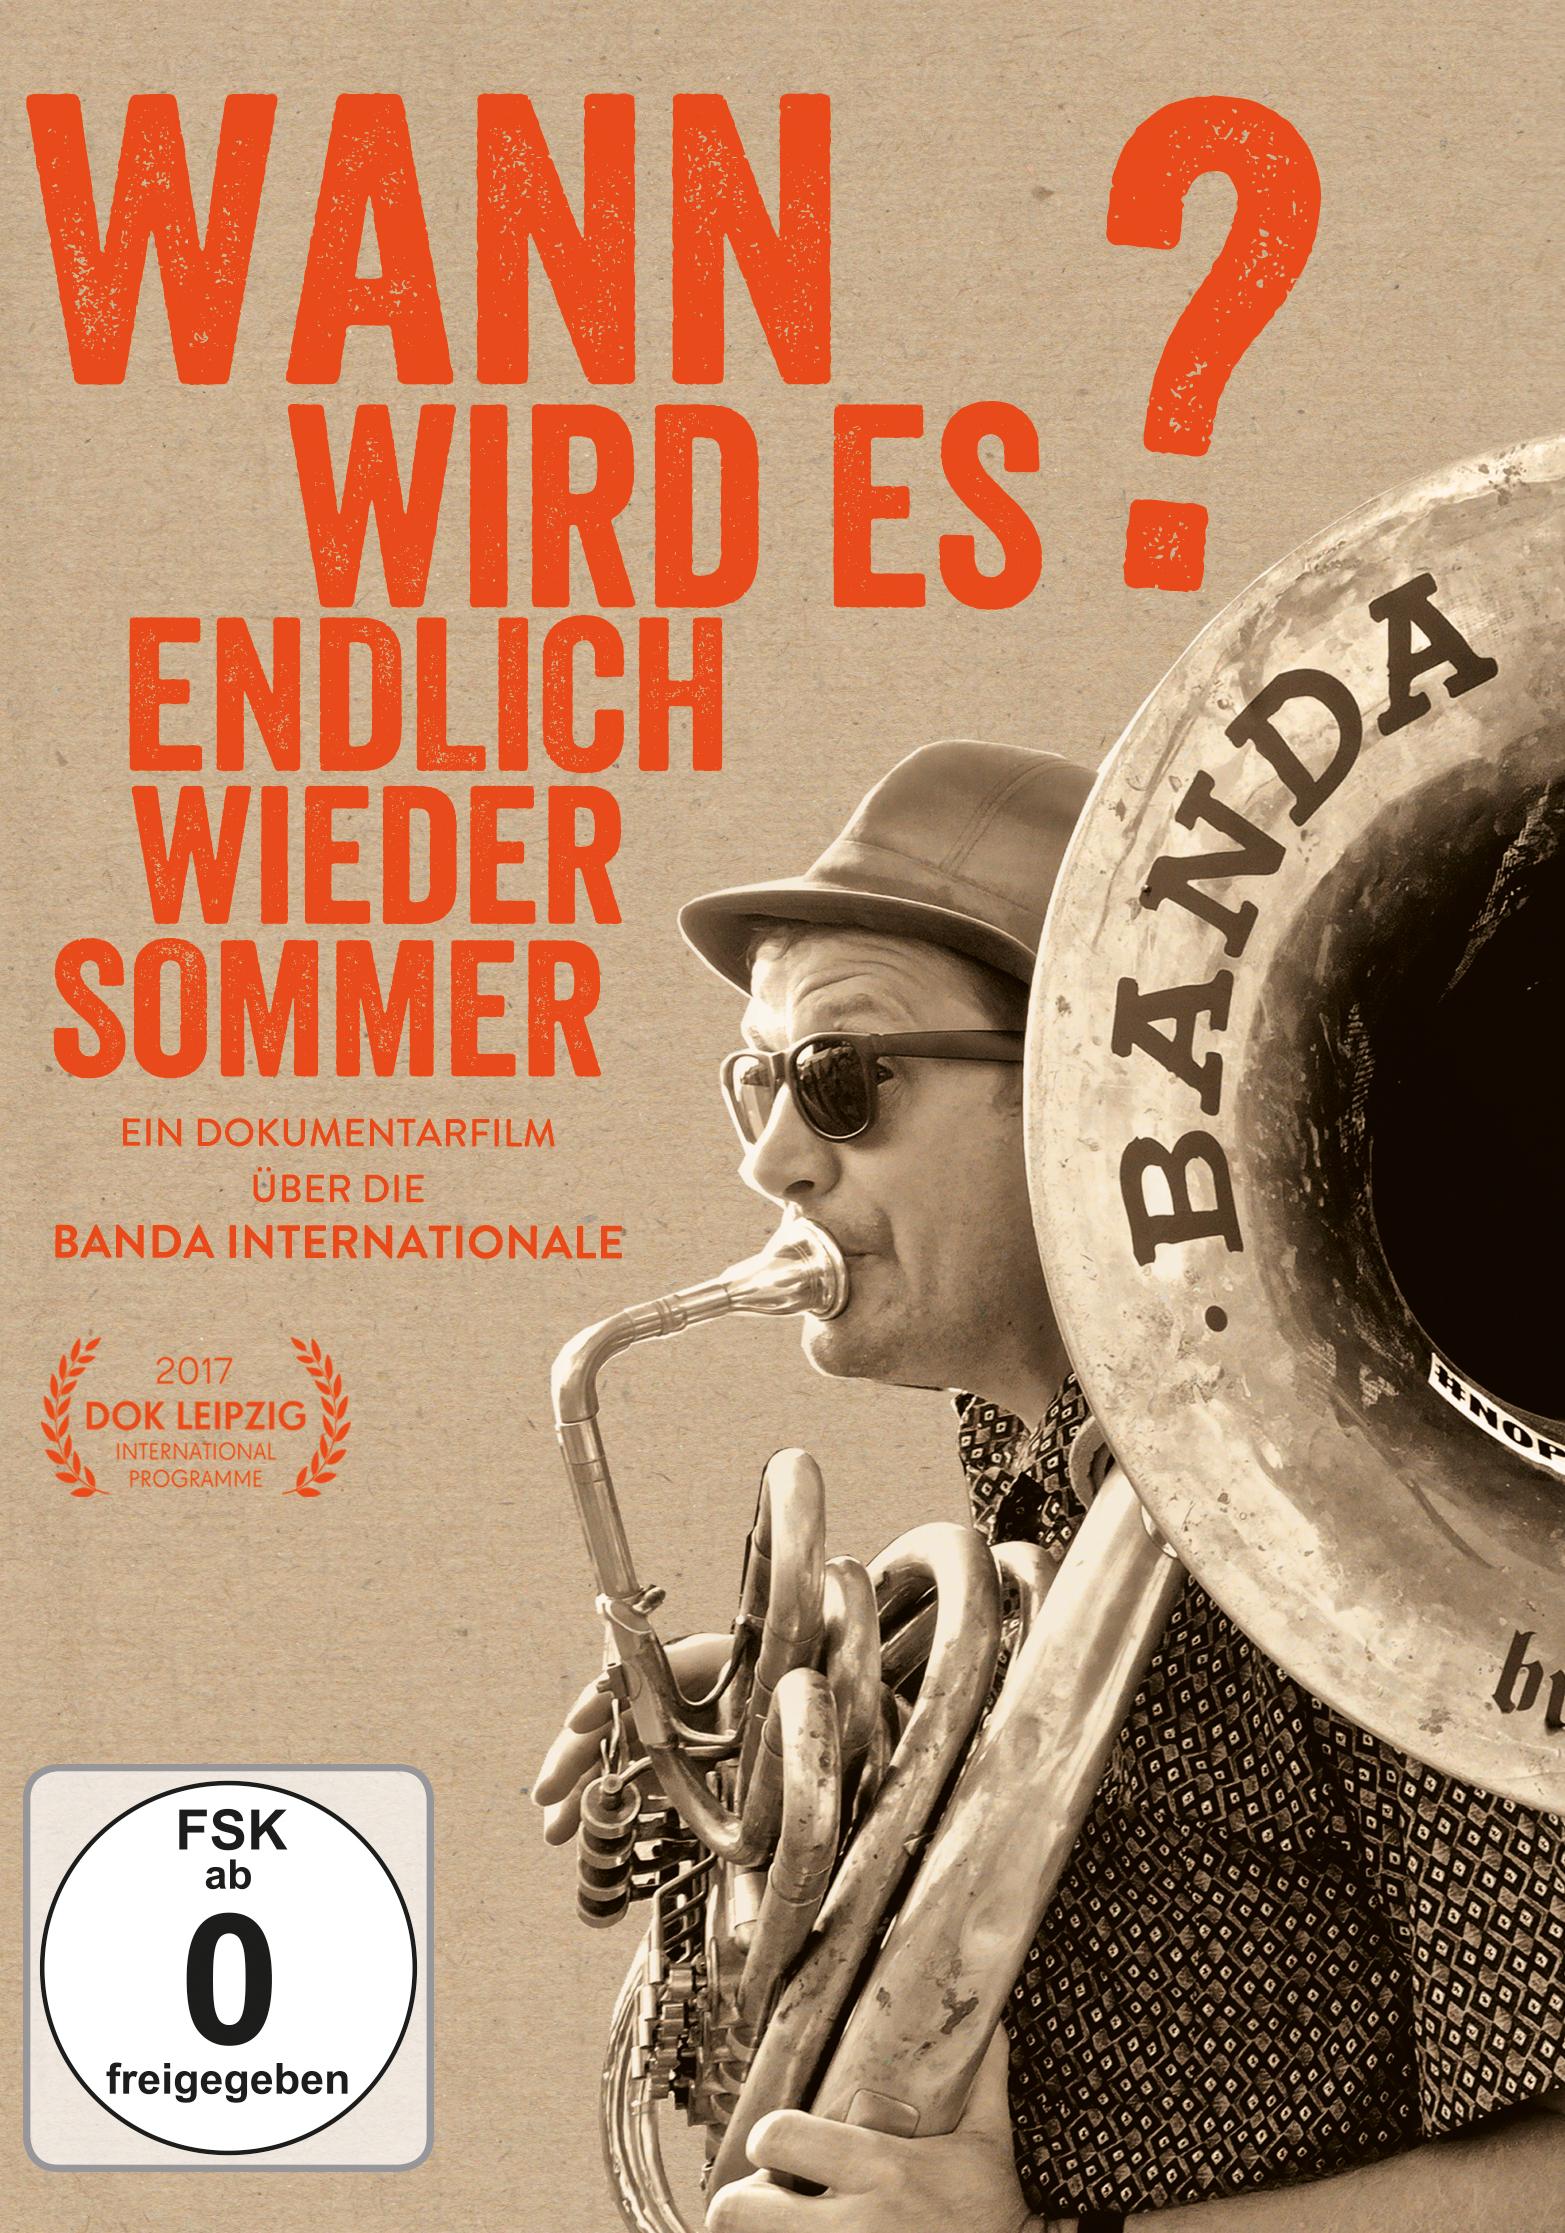 """""""Wann wird es endlich wieder Sommer?"""" Ein Dokumentarfilm über die BANDA INTERNATIONALE"""